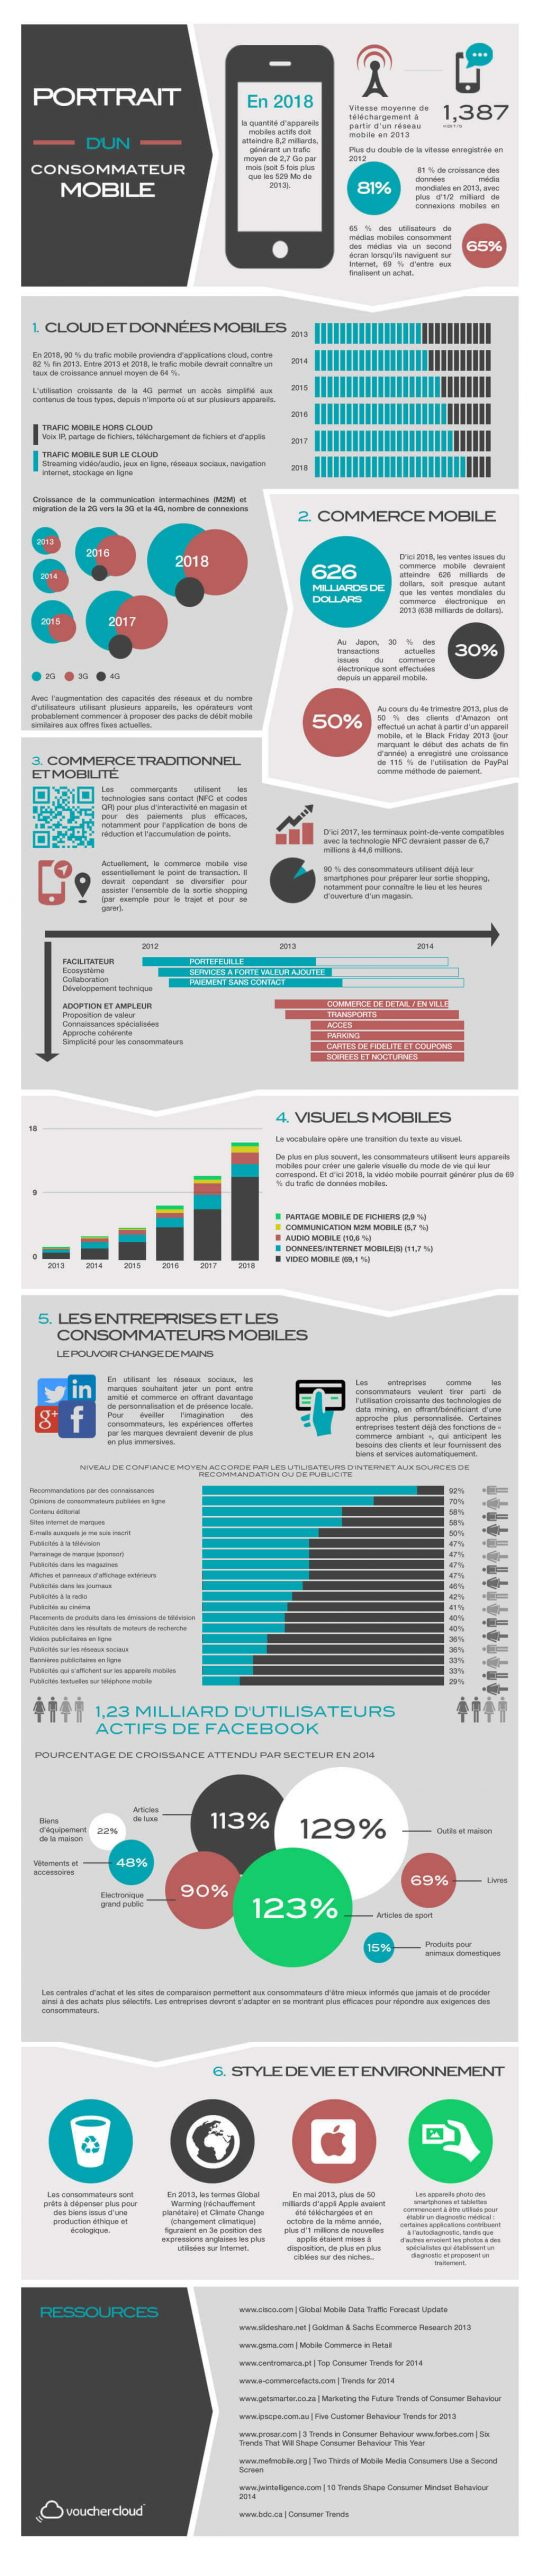 e-commerce comportement consommateur digital commerce physique moment d'achat m-commerce smartphone